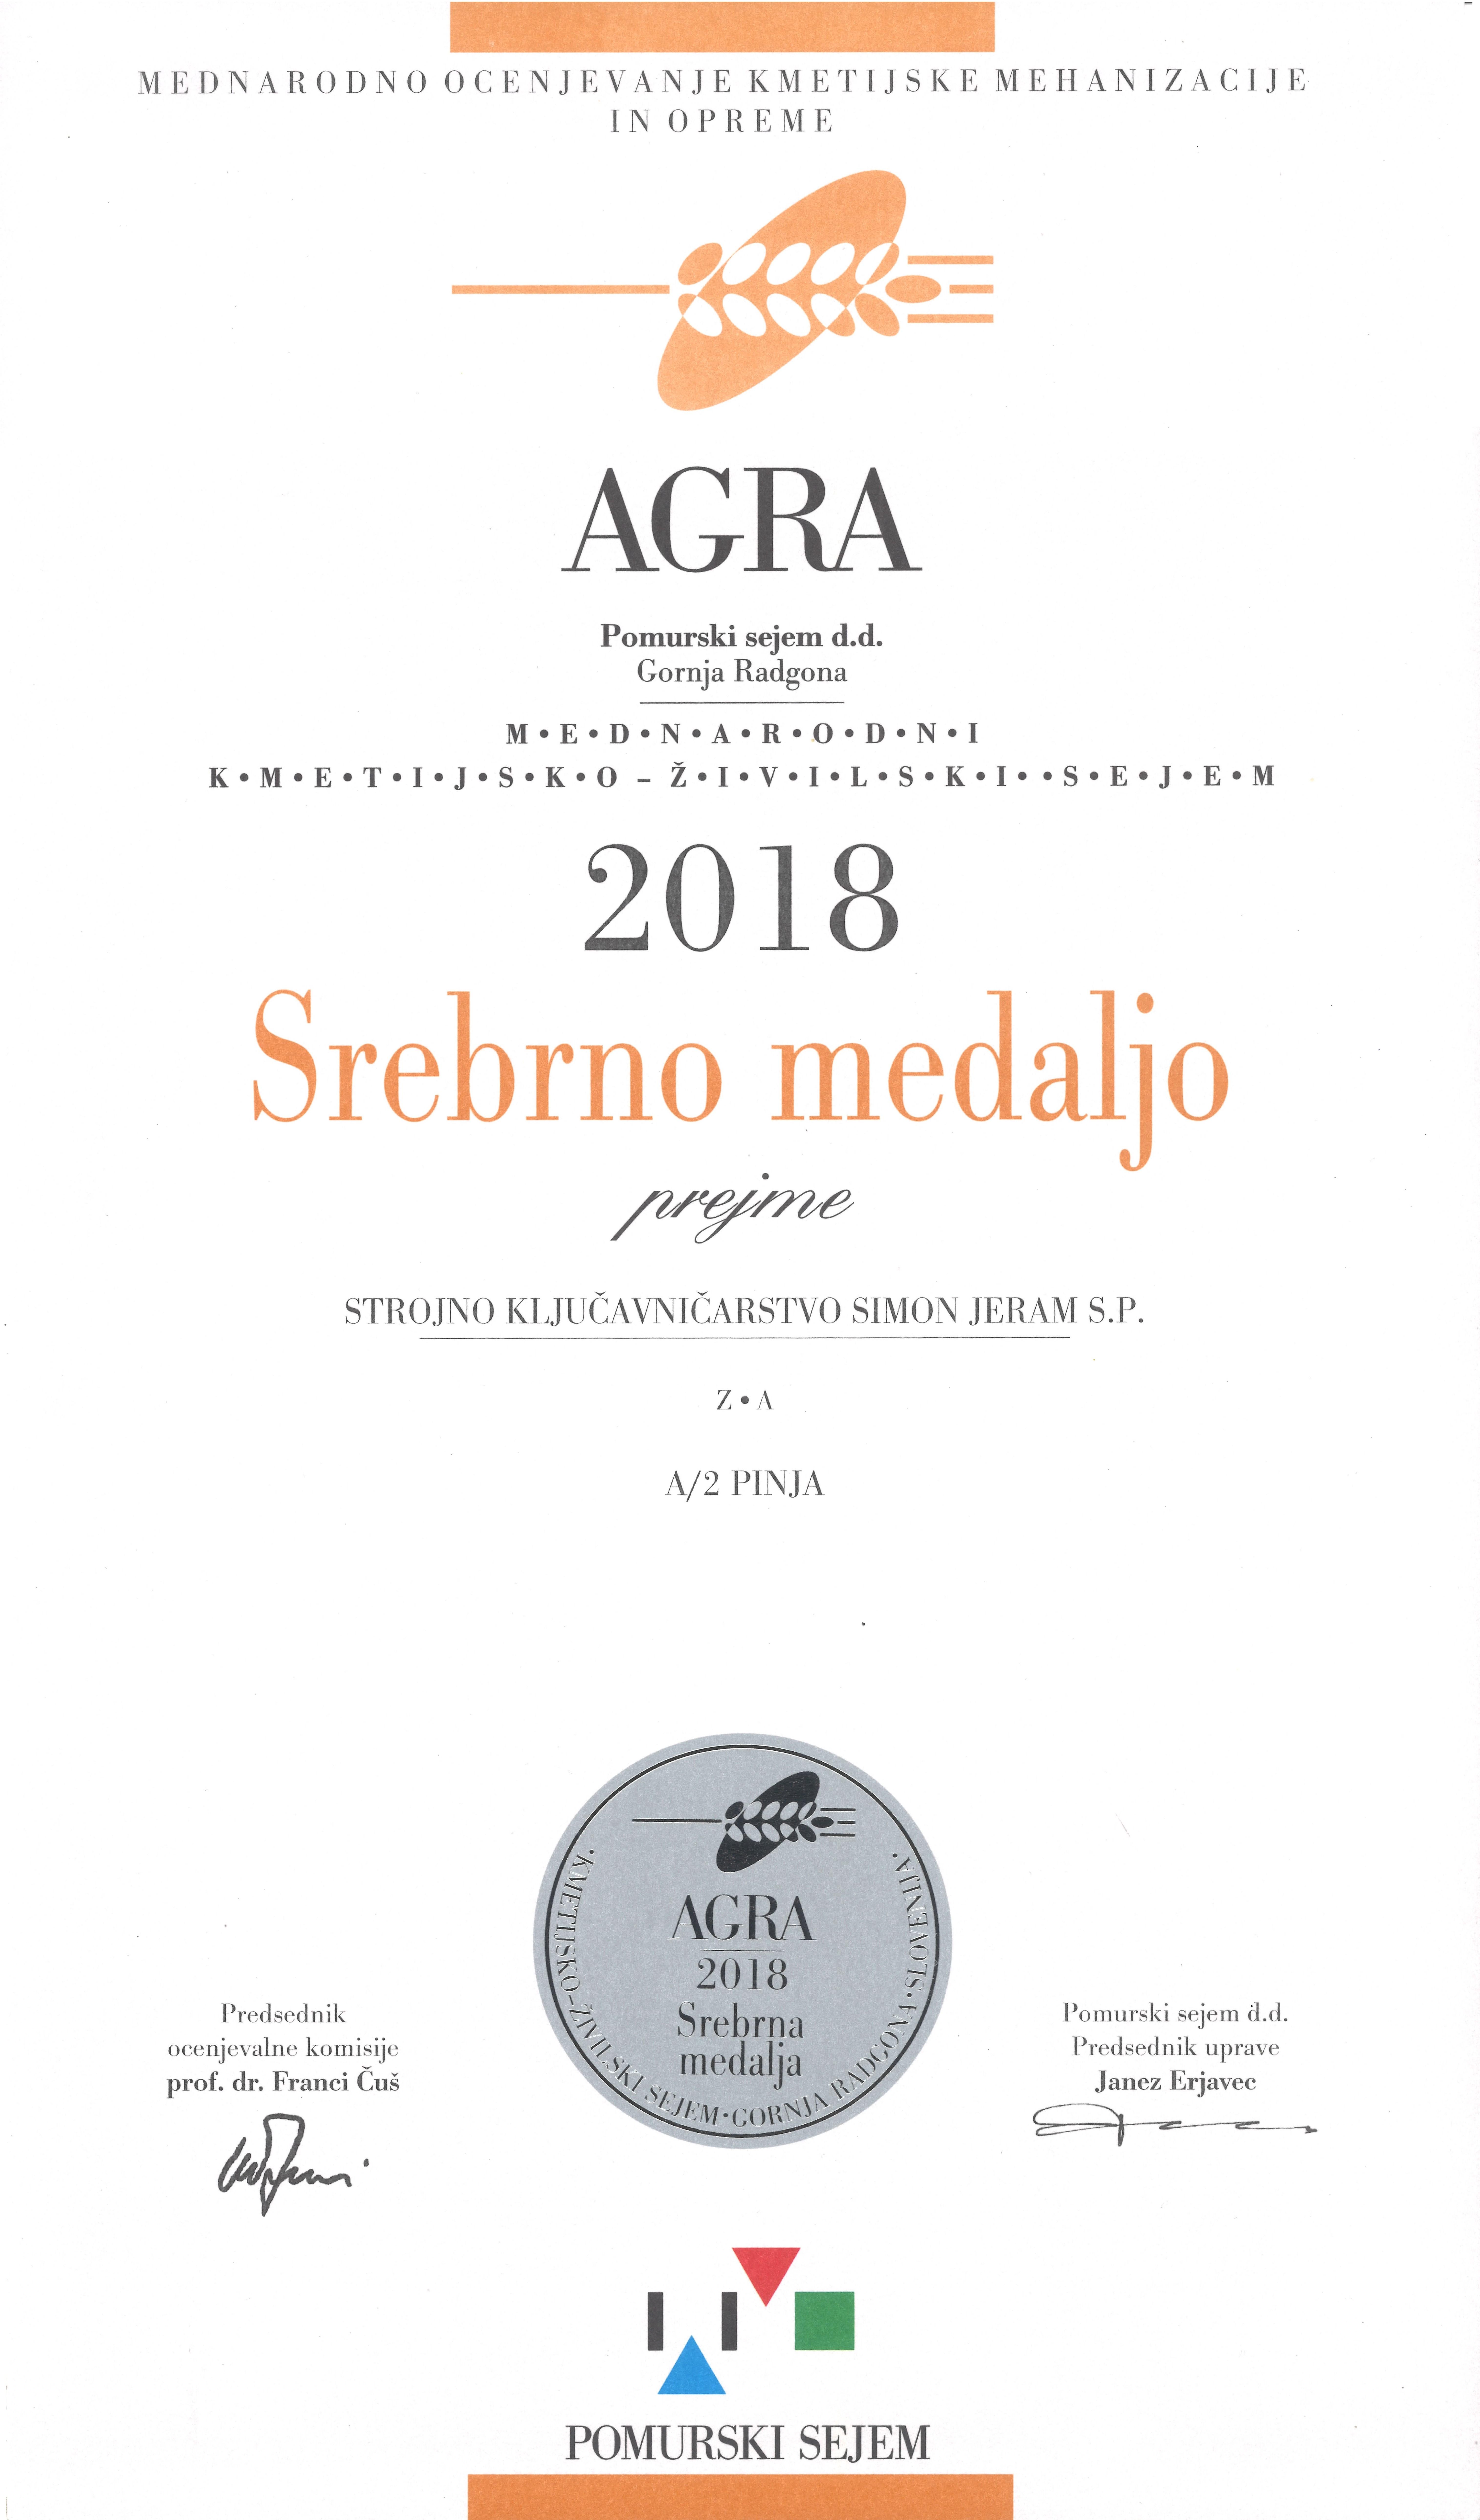 srebrna medalja